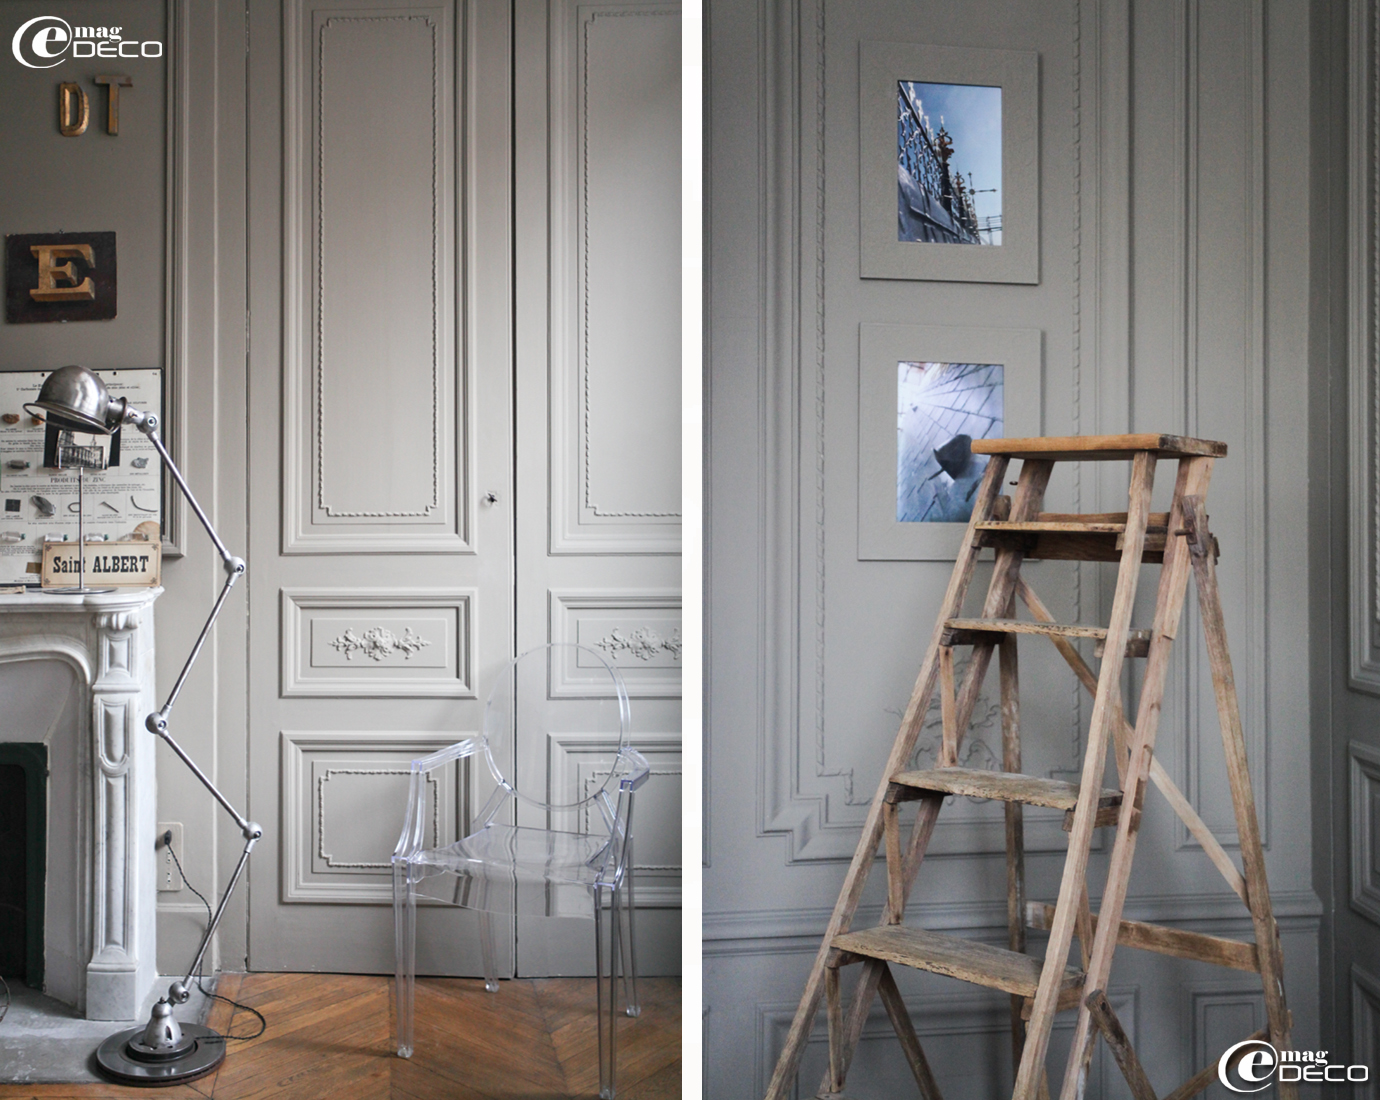 Une maison de passionn s pr s de rouen e magdeco for Decoration interieur maison bourgeoise